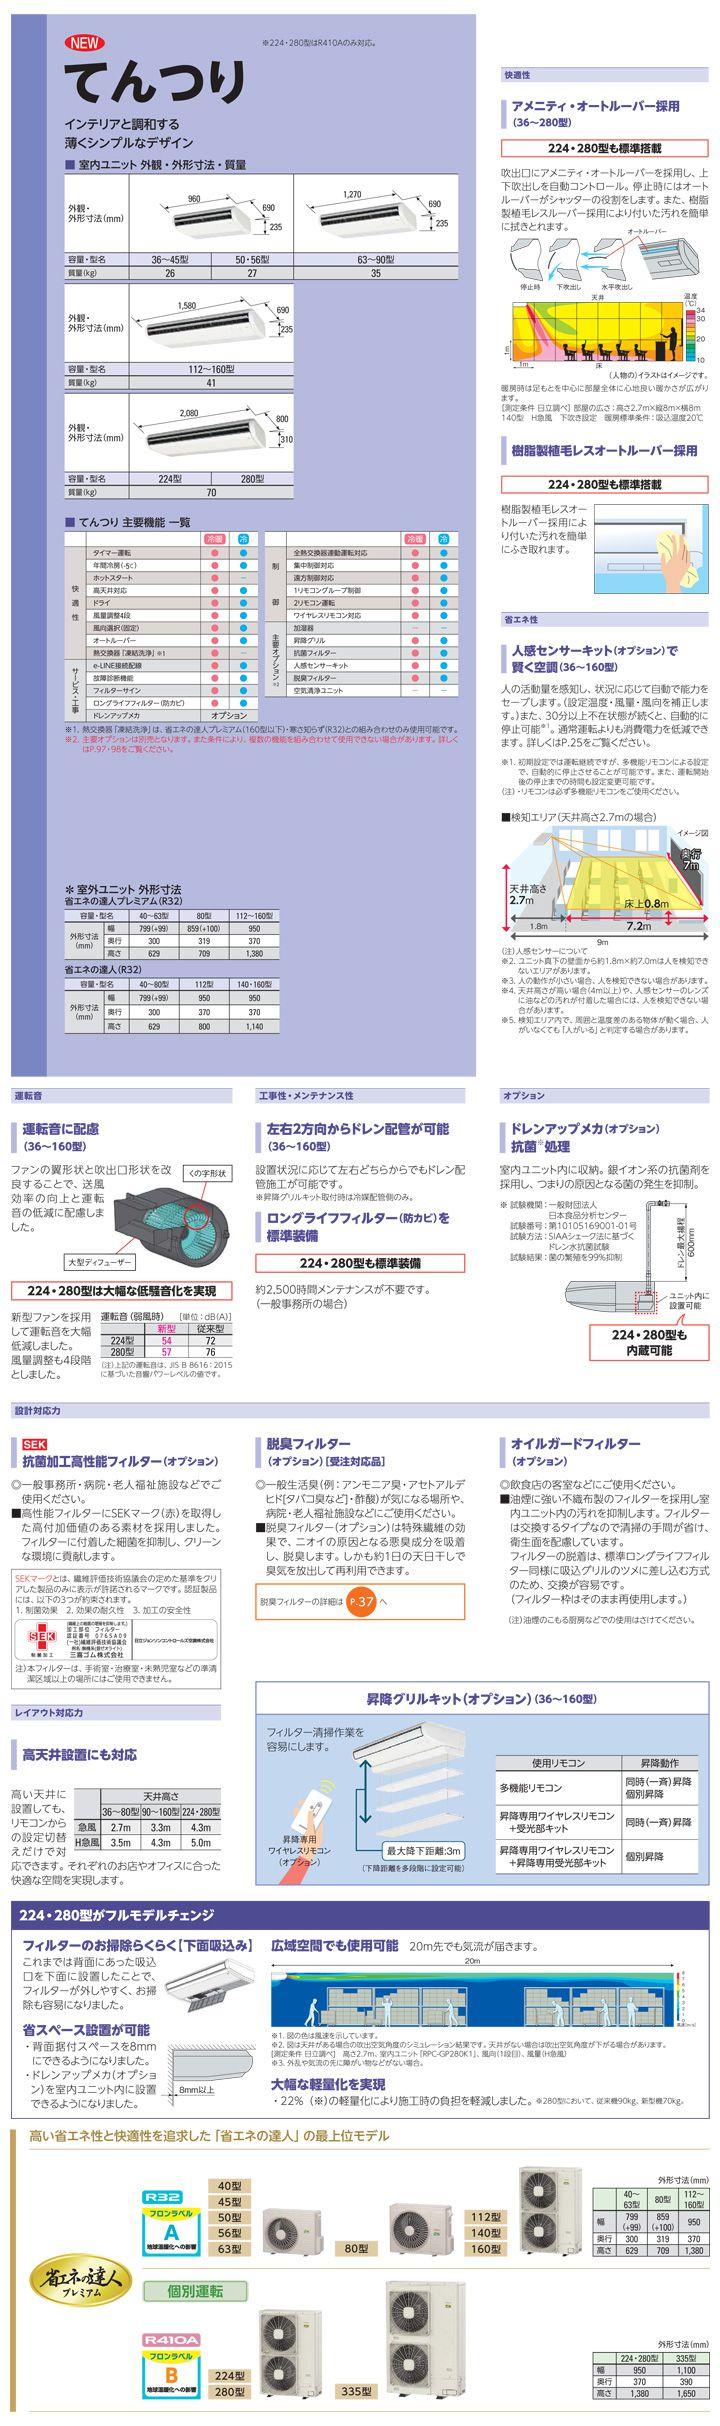 RPC-AP224GHW8カタログ